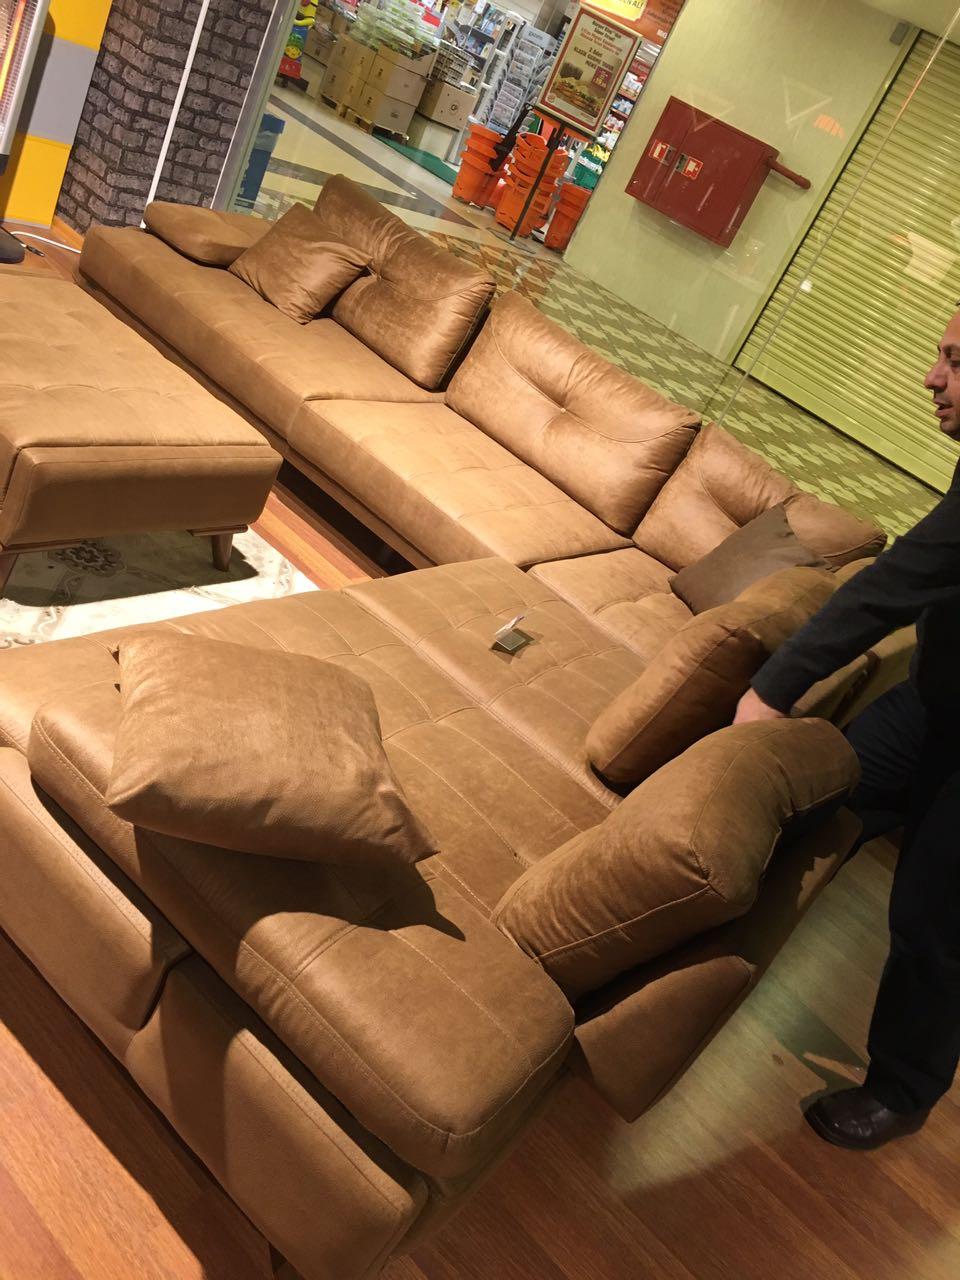 Yatak olabilen tekli koltuk fiyatlar quotes - Hocam Iyi G Nler Resimde Att M Modeli Istanbula G Nderecek Ekilde Yapsak Nekadar Fiyat Kar Resimdeki L Leri 3 20x2 60 Fakat Bizim Odam Za B Y K Daha